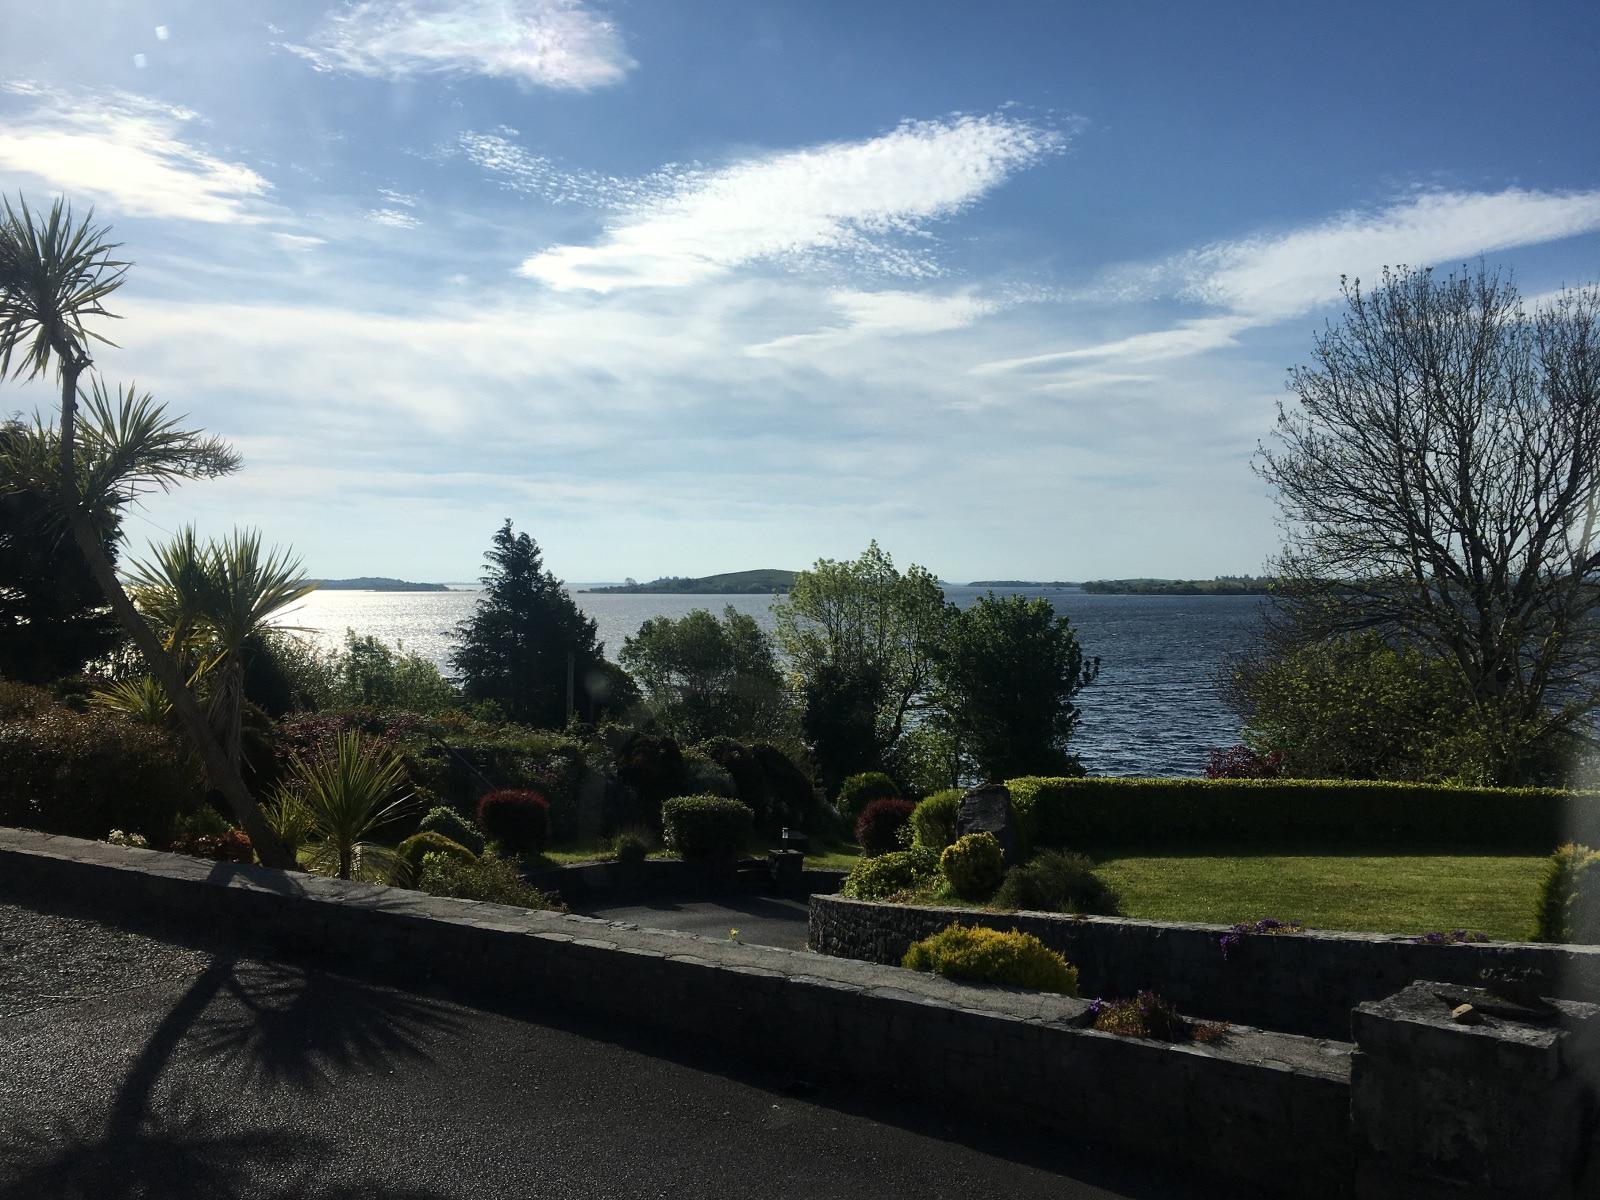 Kilátás a reggelizőből a Lough Corrib partjára